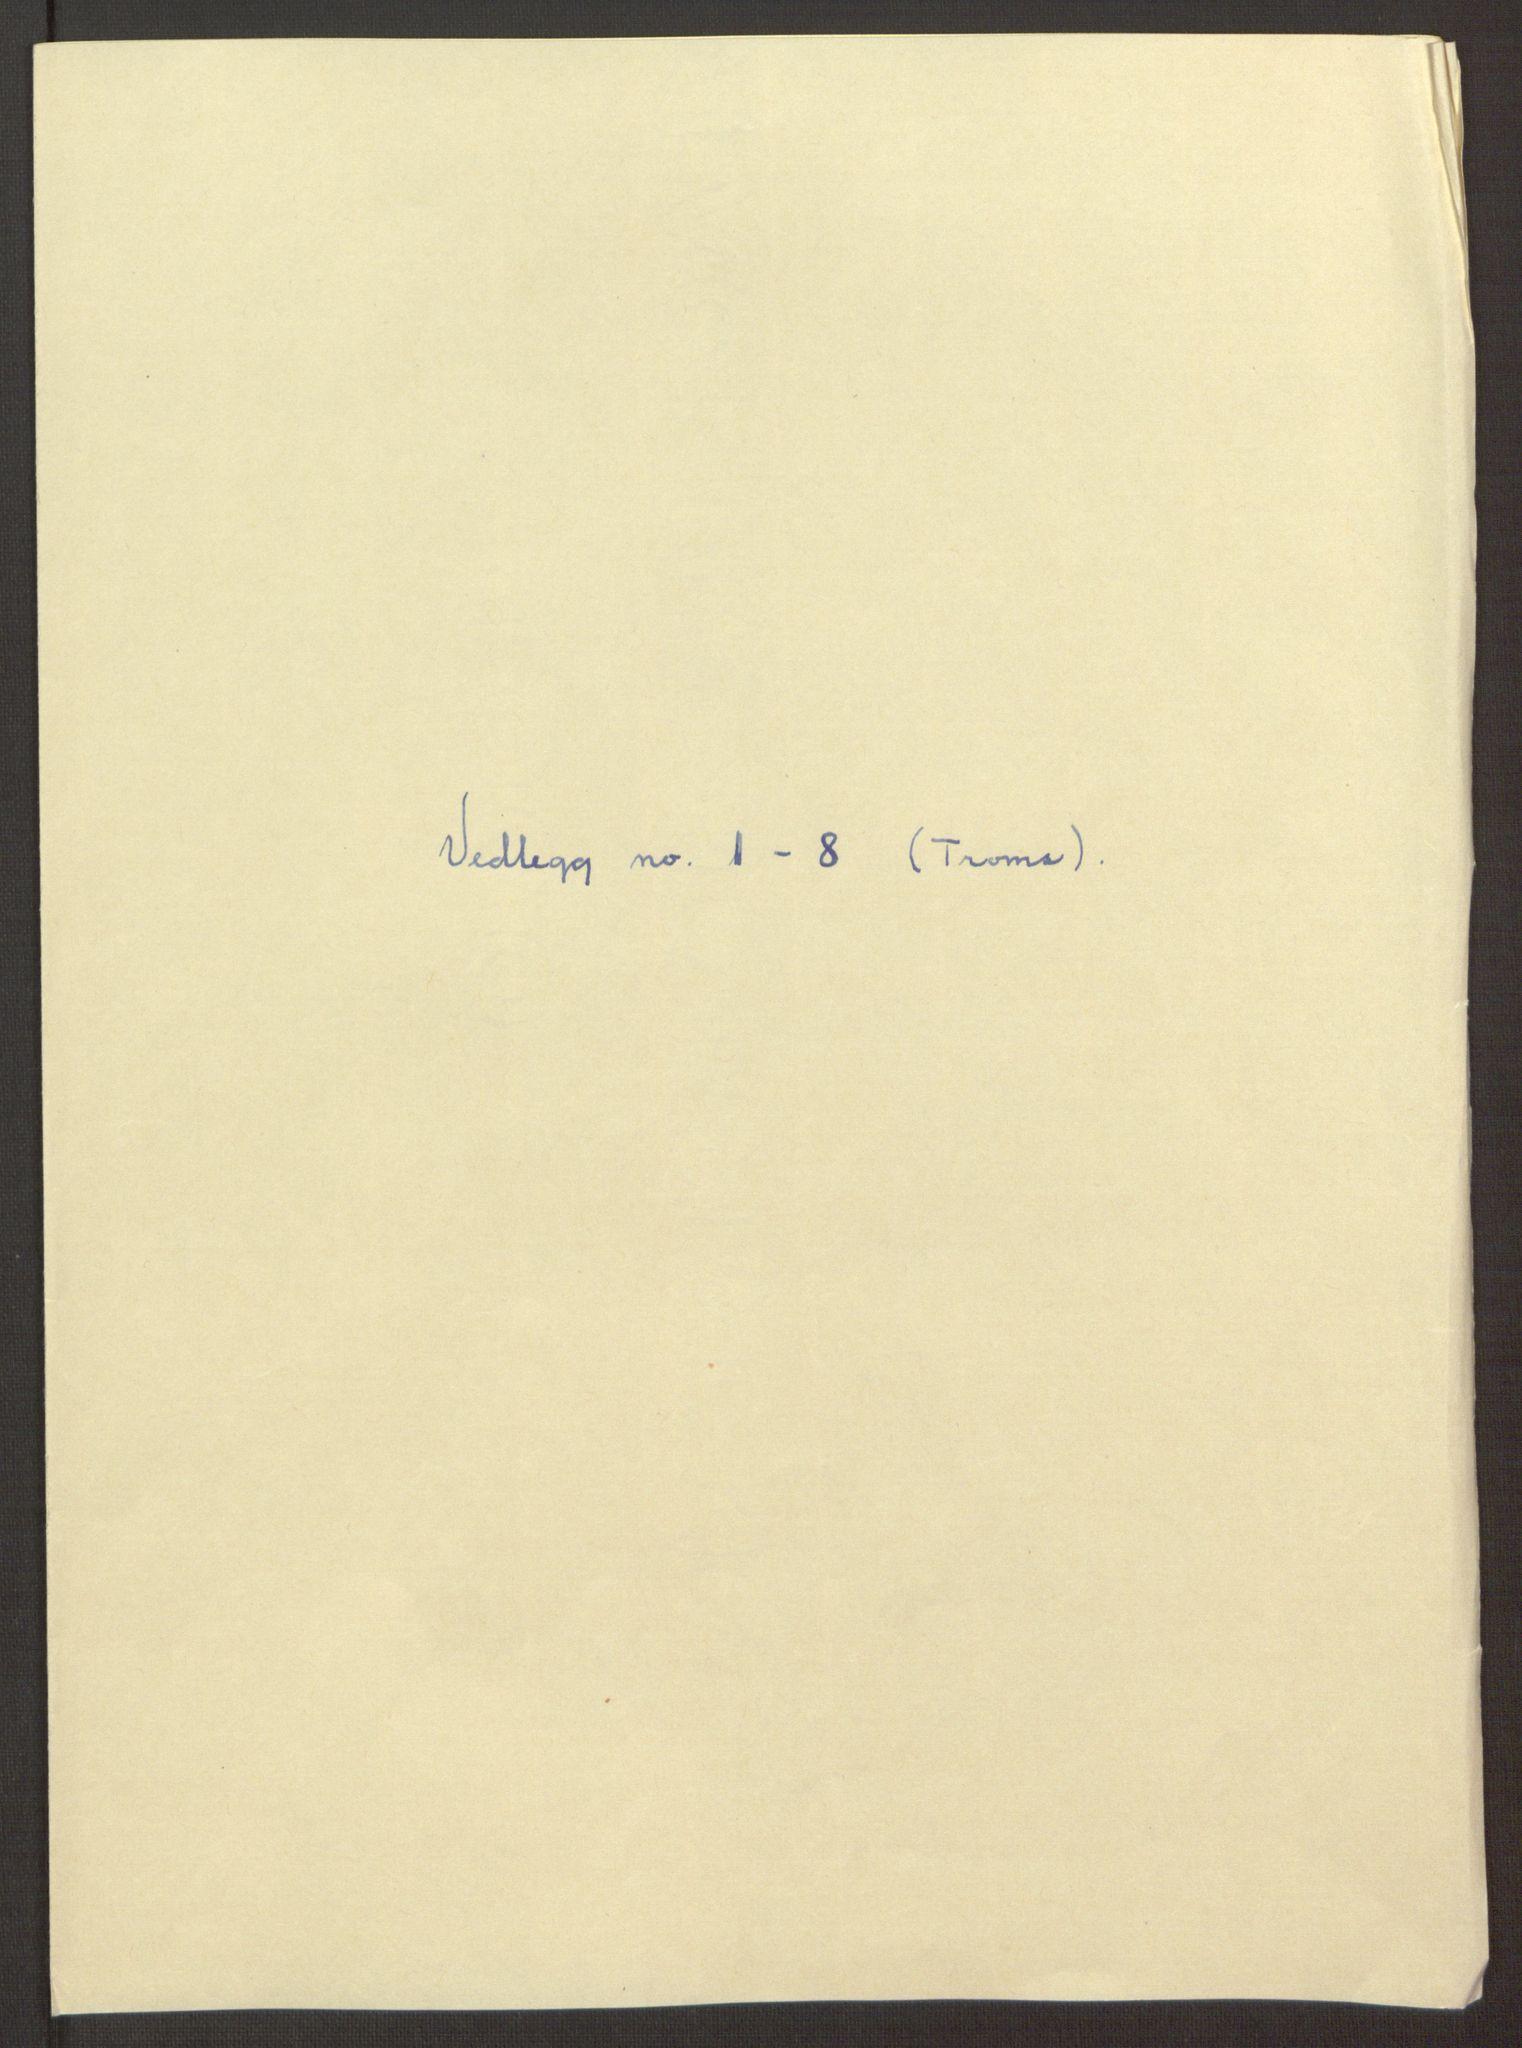 RA, Rentekammeret inntil 1814, Reviderte regnskaper, Fogderegnskap, R68/L4753: Fogderegnskap Senja og Troms, 1694-1696, s. 347